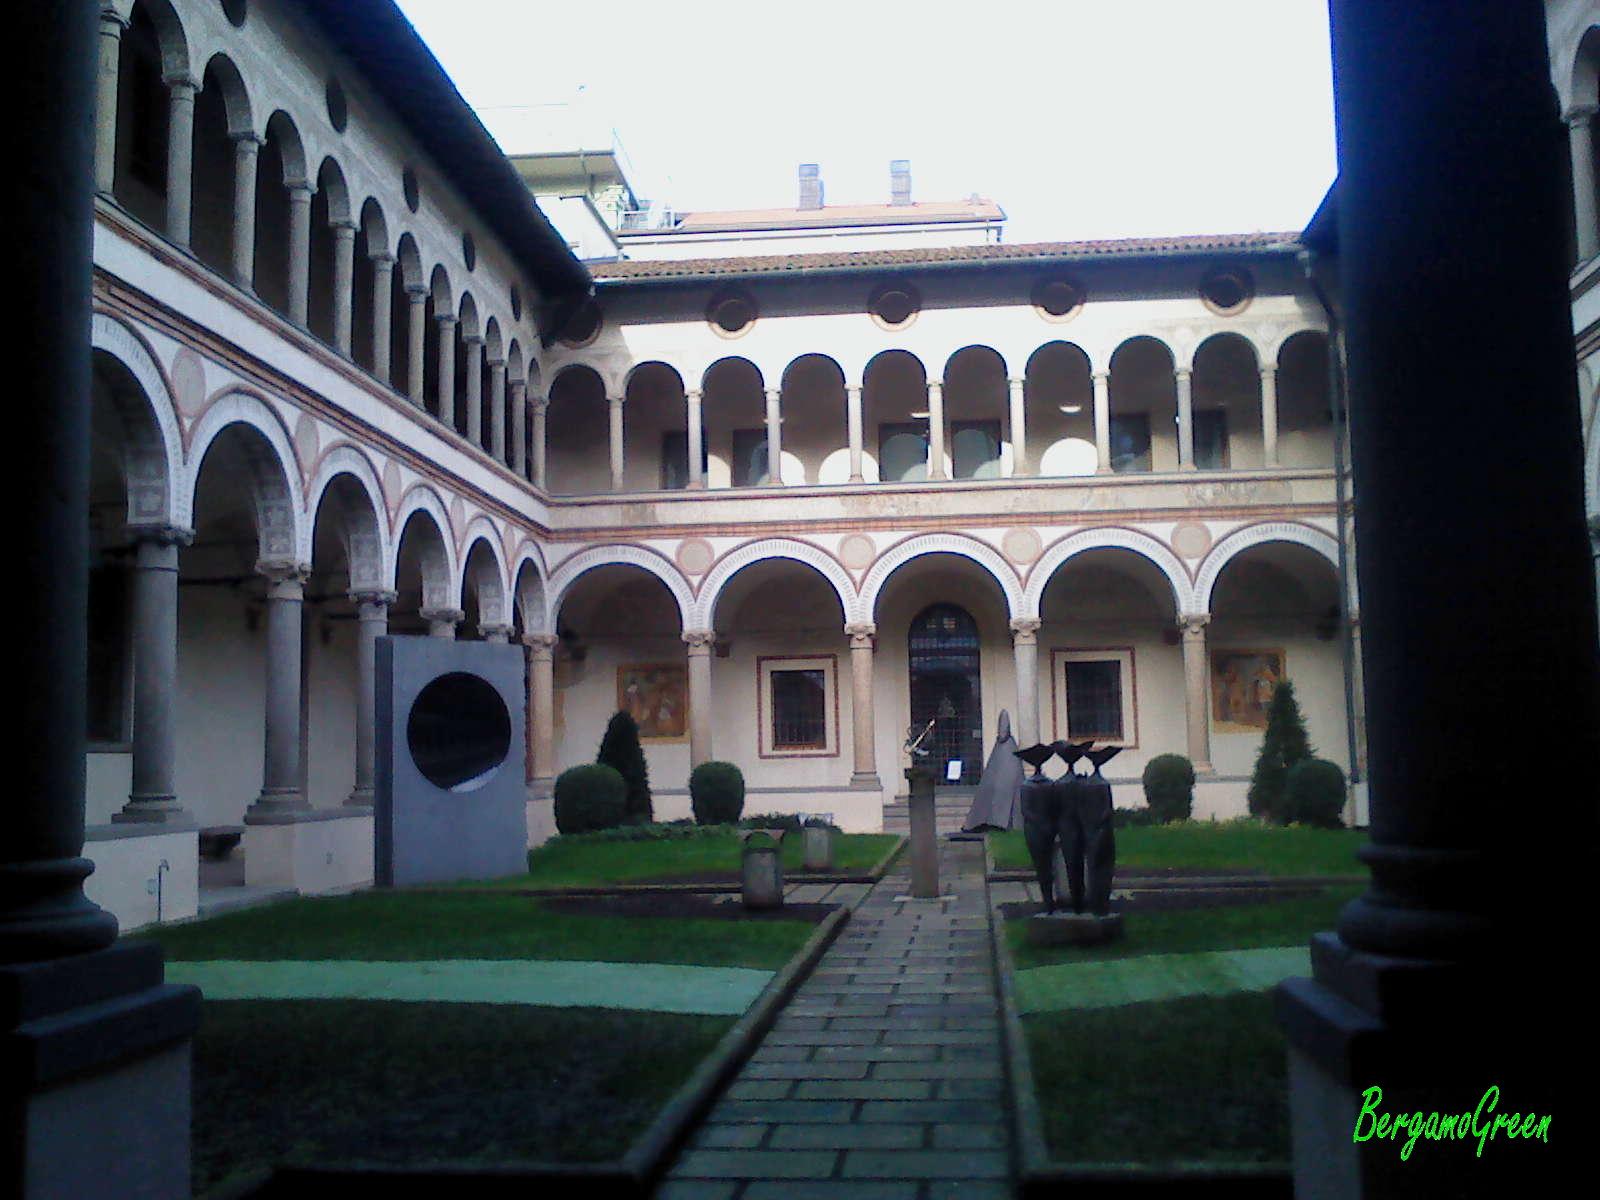 Chiostro santa Marta a Bergamo